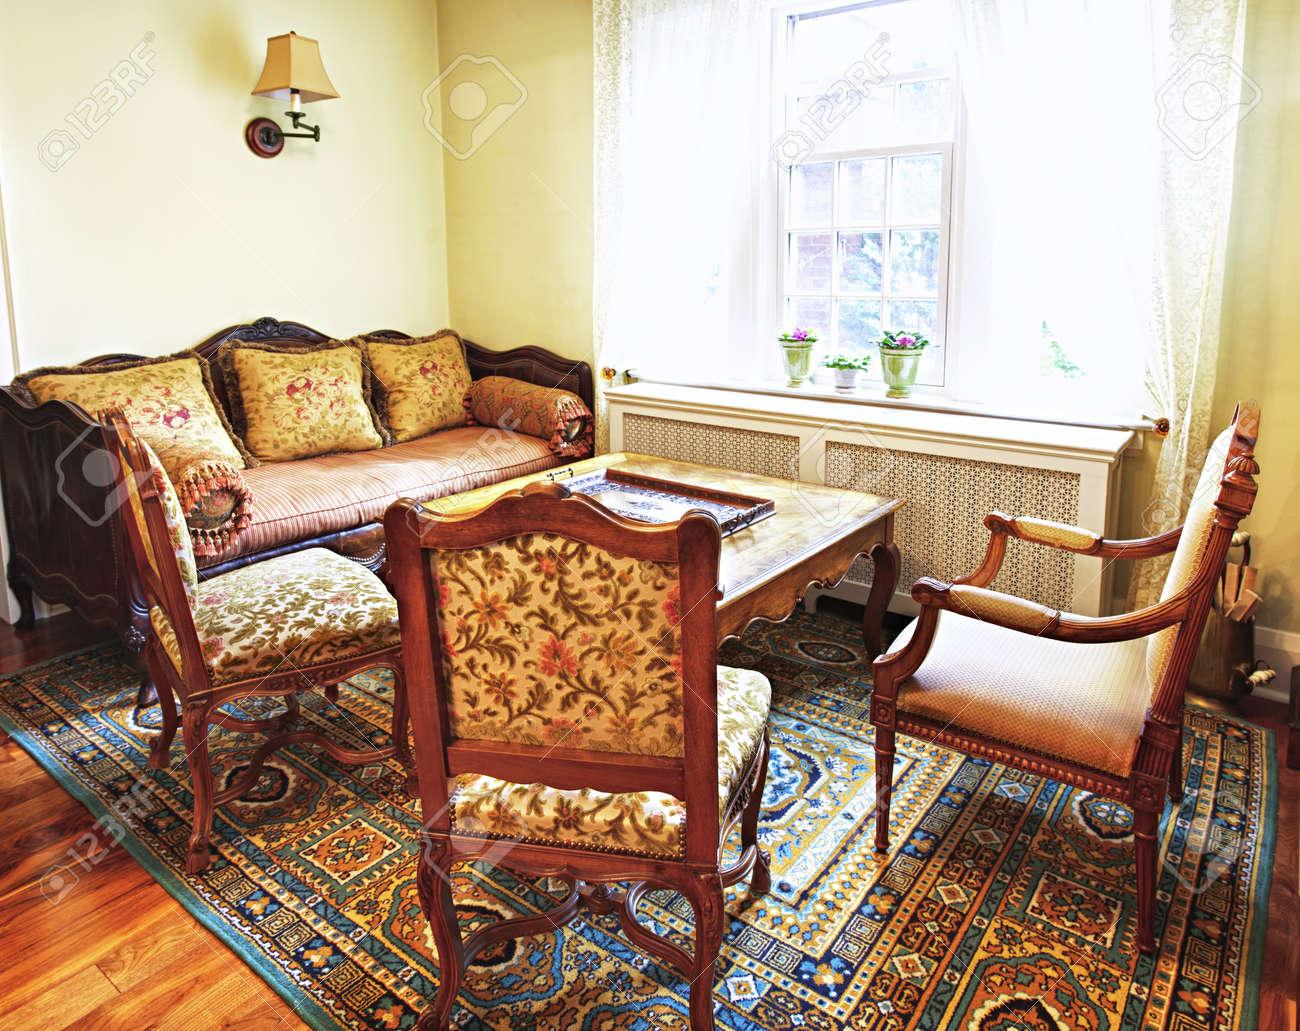 Antika Möbler I Vardagsrum Inredning I Hemmet Royalty-Fria ...